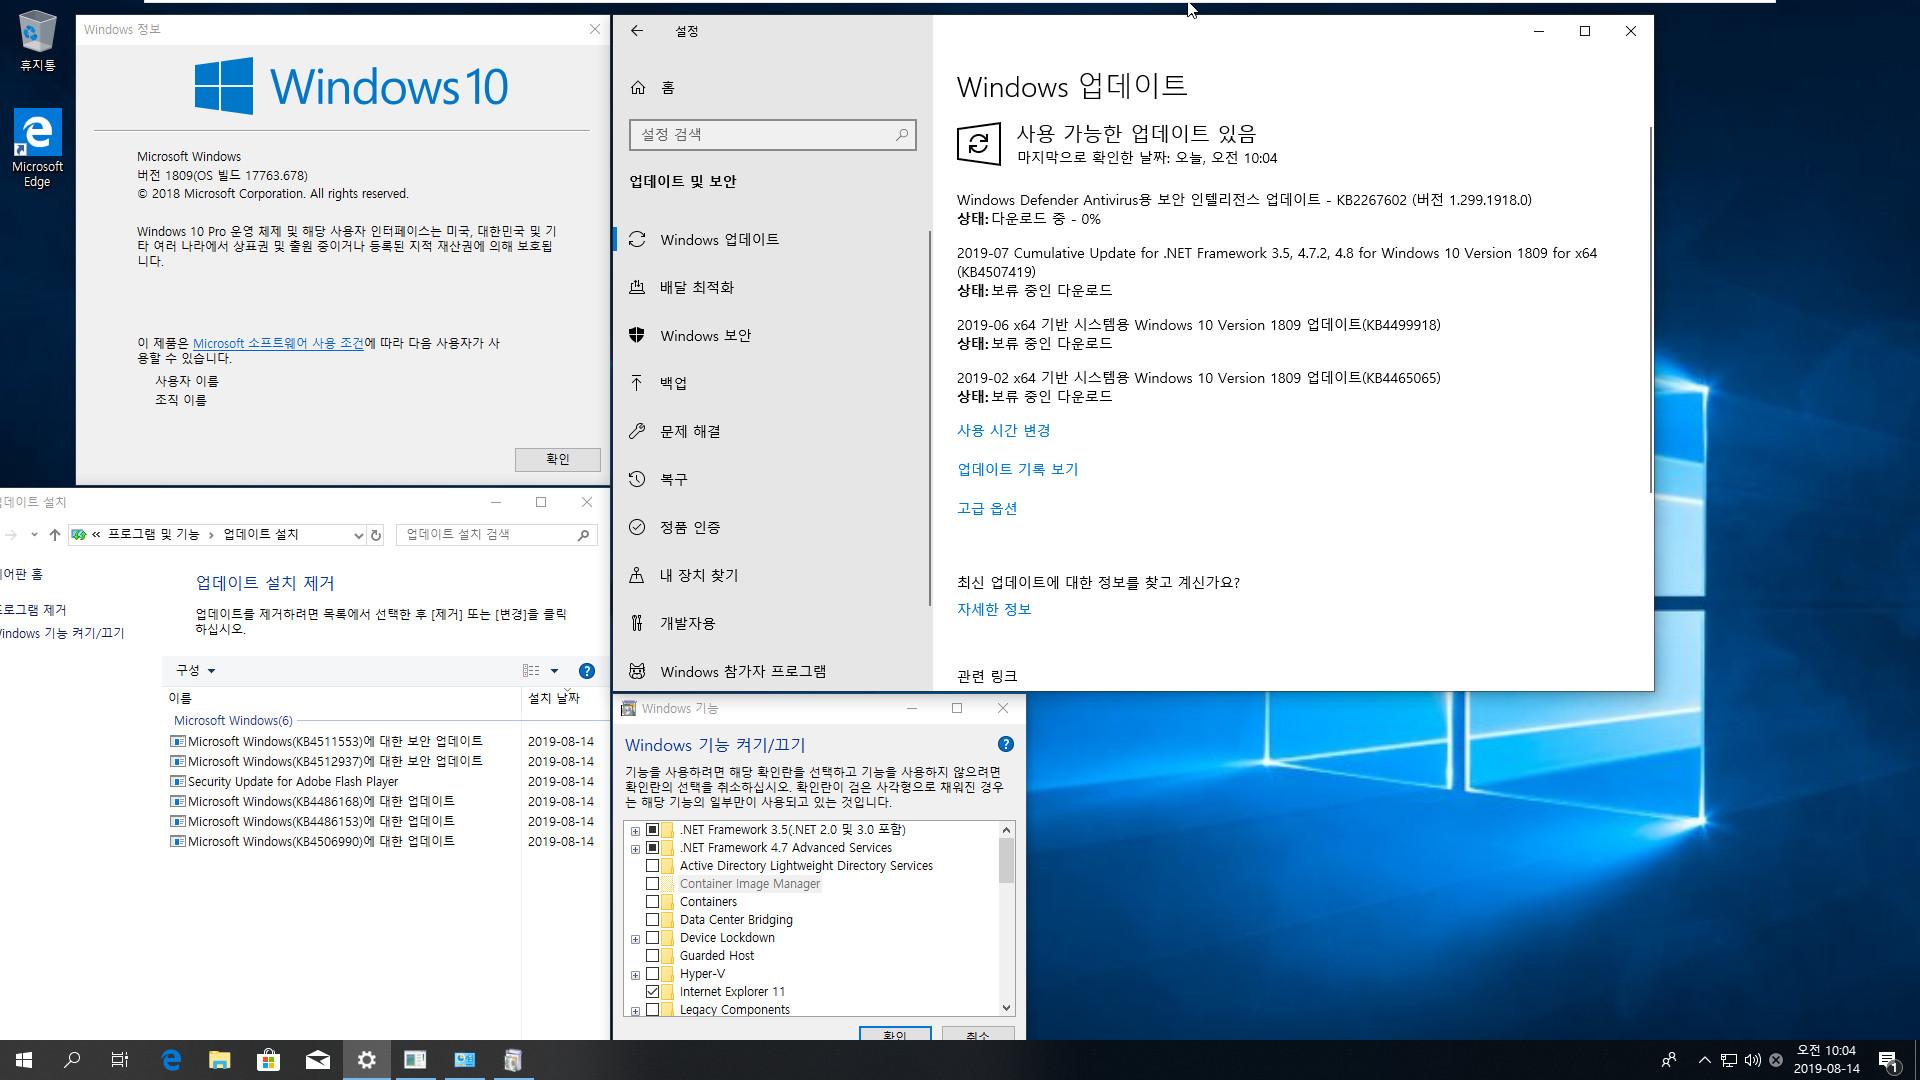 2019-08-14 정기 업데이트 나왔네요 - Windows 10 버전 1809 누적 업데이트 KB4511553 (OS 빌드 17763.678) [2019-08-13 일자] 통합중 입니다 2번째 - 64비트 확인 2019-08-14_100402.jpg